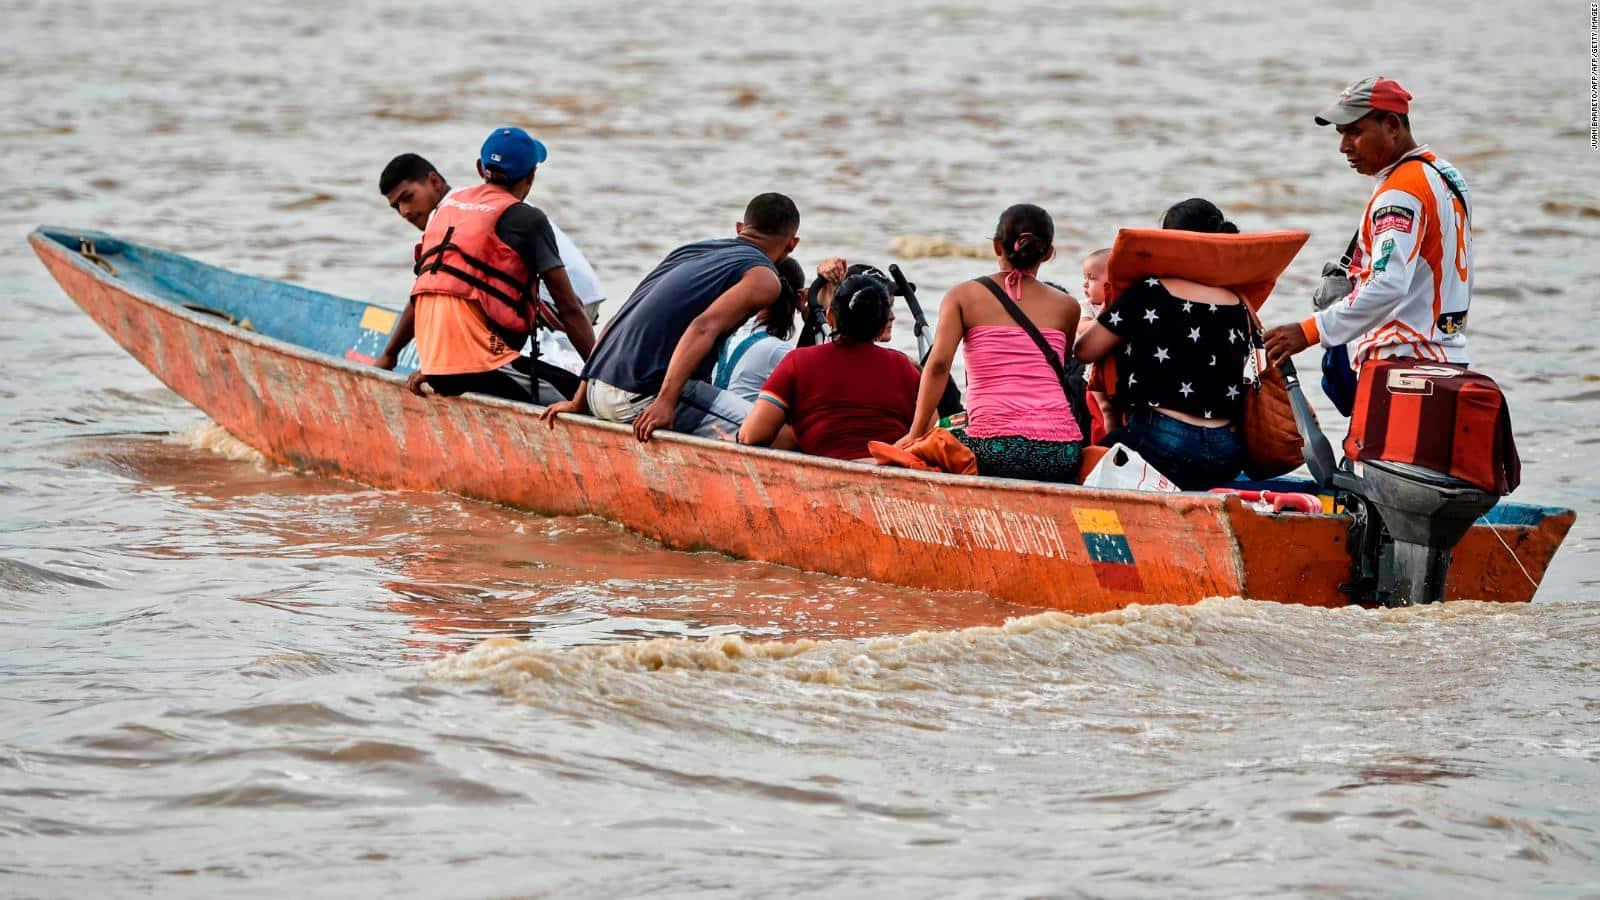 19 migrantes venezolanos mueren en un naufragio tras ser deportados de Trinidad y Tobago